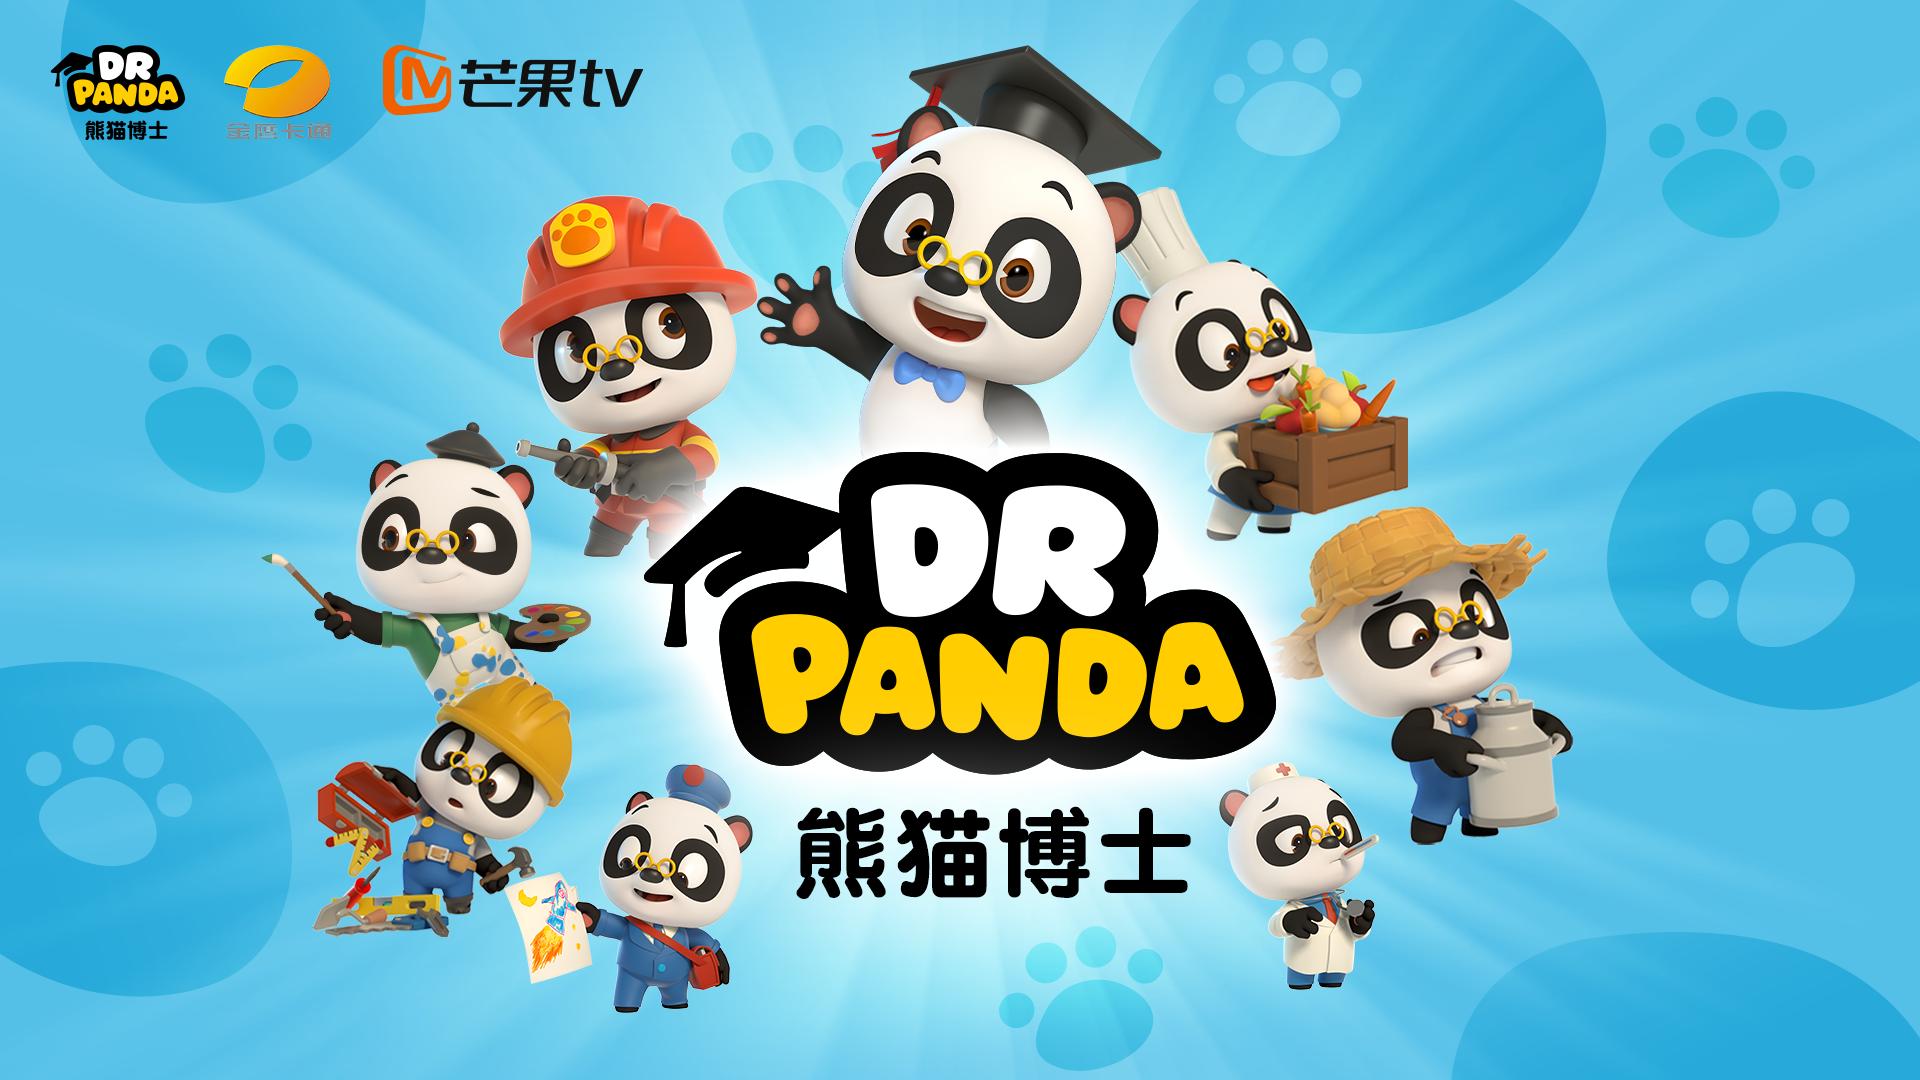 更教育、益智、有趣的《熊猫博士》3D动画片来了,金鹰卡通、芒果tv精彩开播